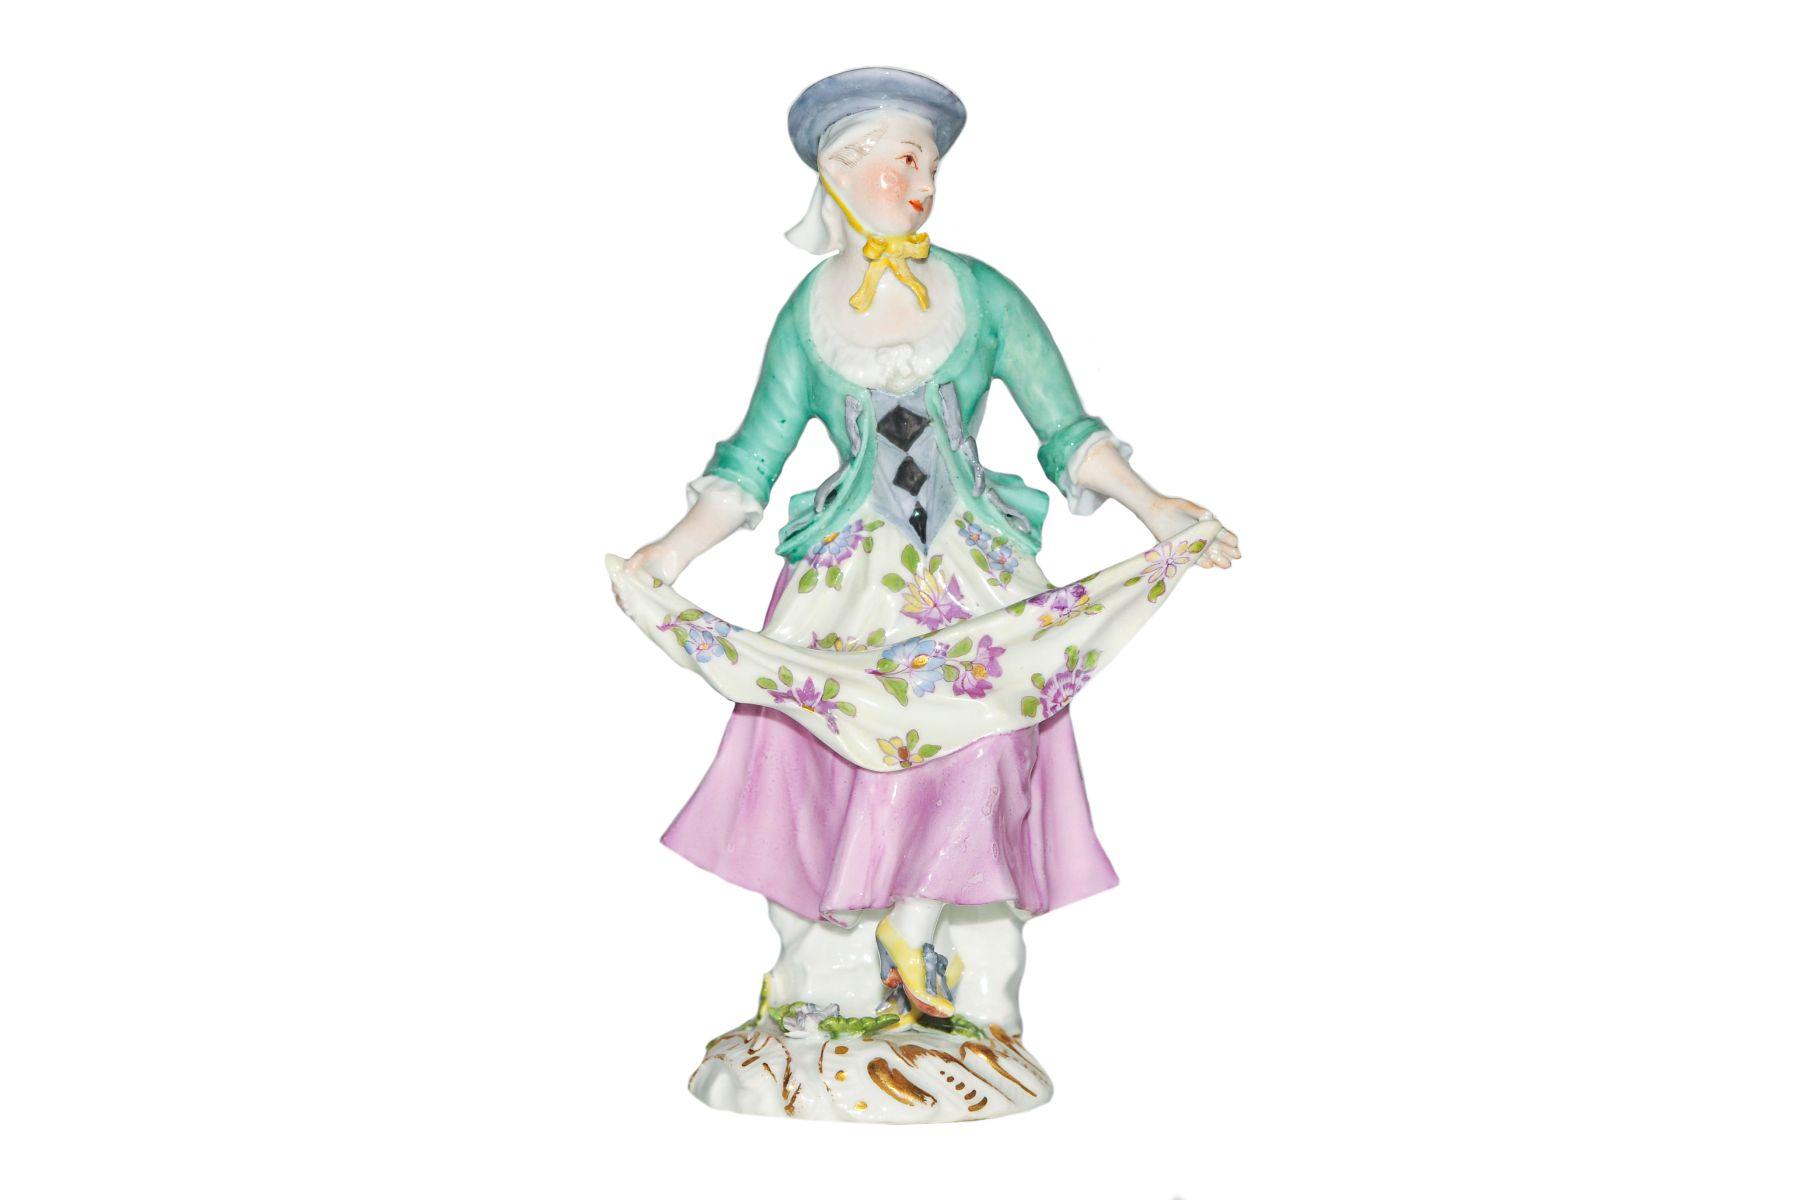 #137 Dancing Tyrolean Meissen 1750 |Tanzende Tirolerin Meissen 1750 Image